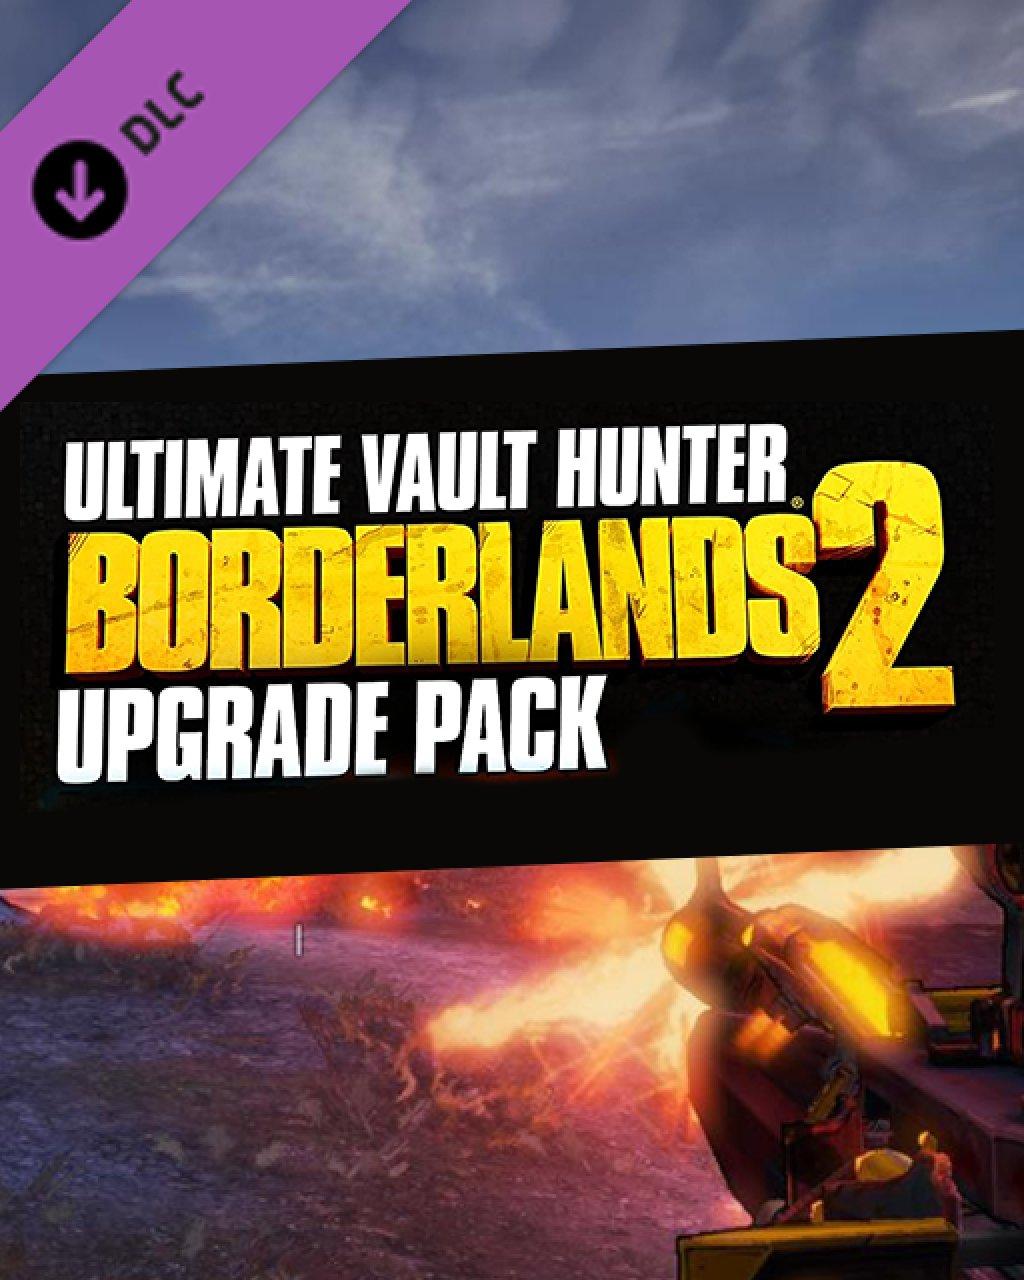 Borderlands 2 Ultimate Vault Hunters Upgrade Pack